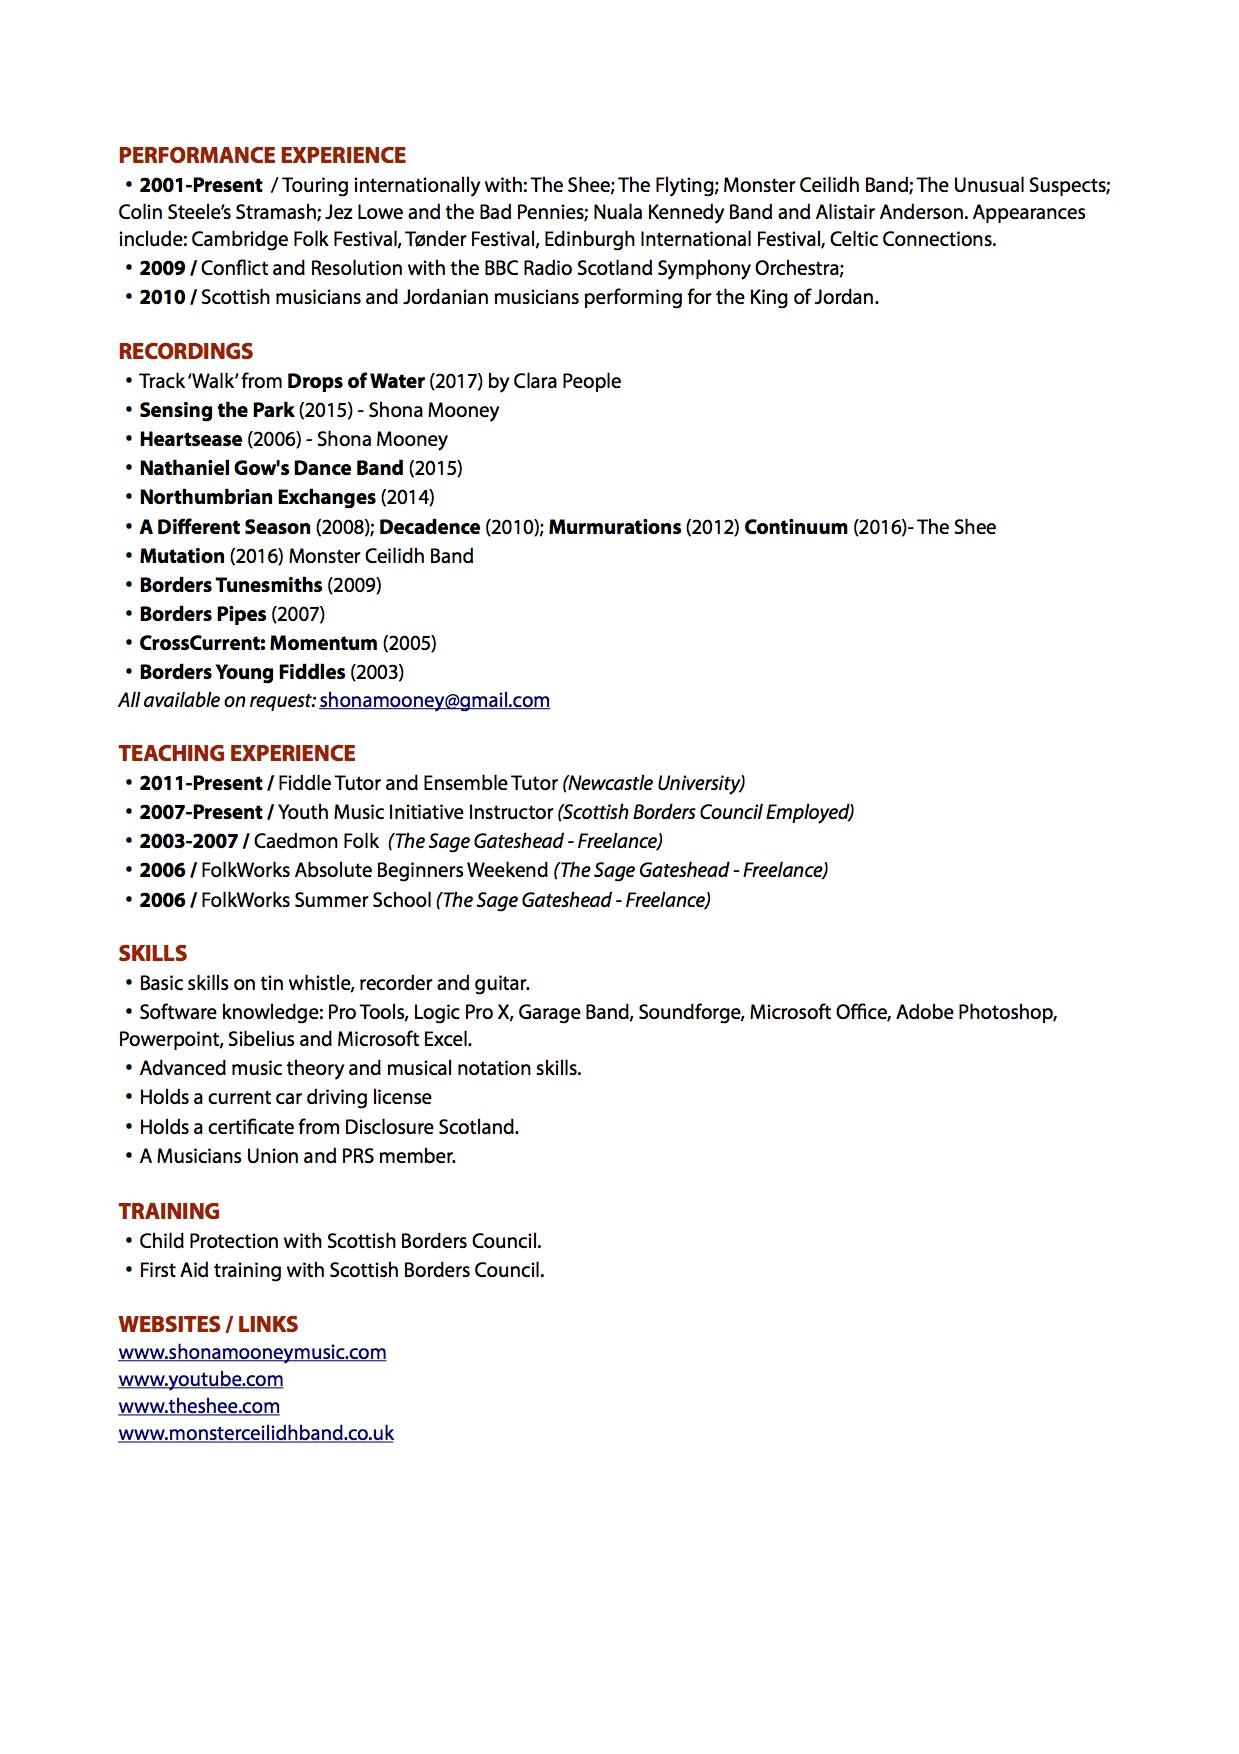 Shona Mooney CV (Strings)2.jpg